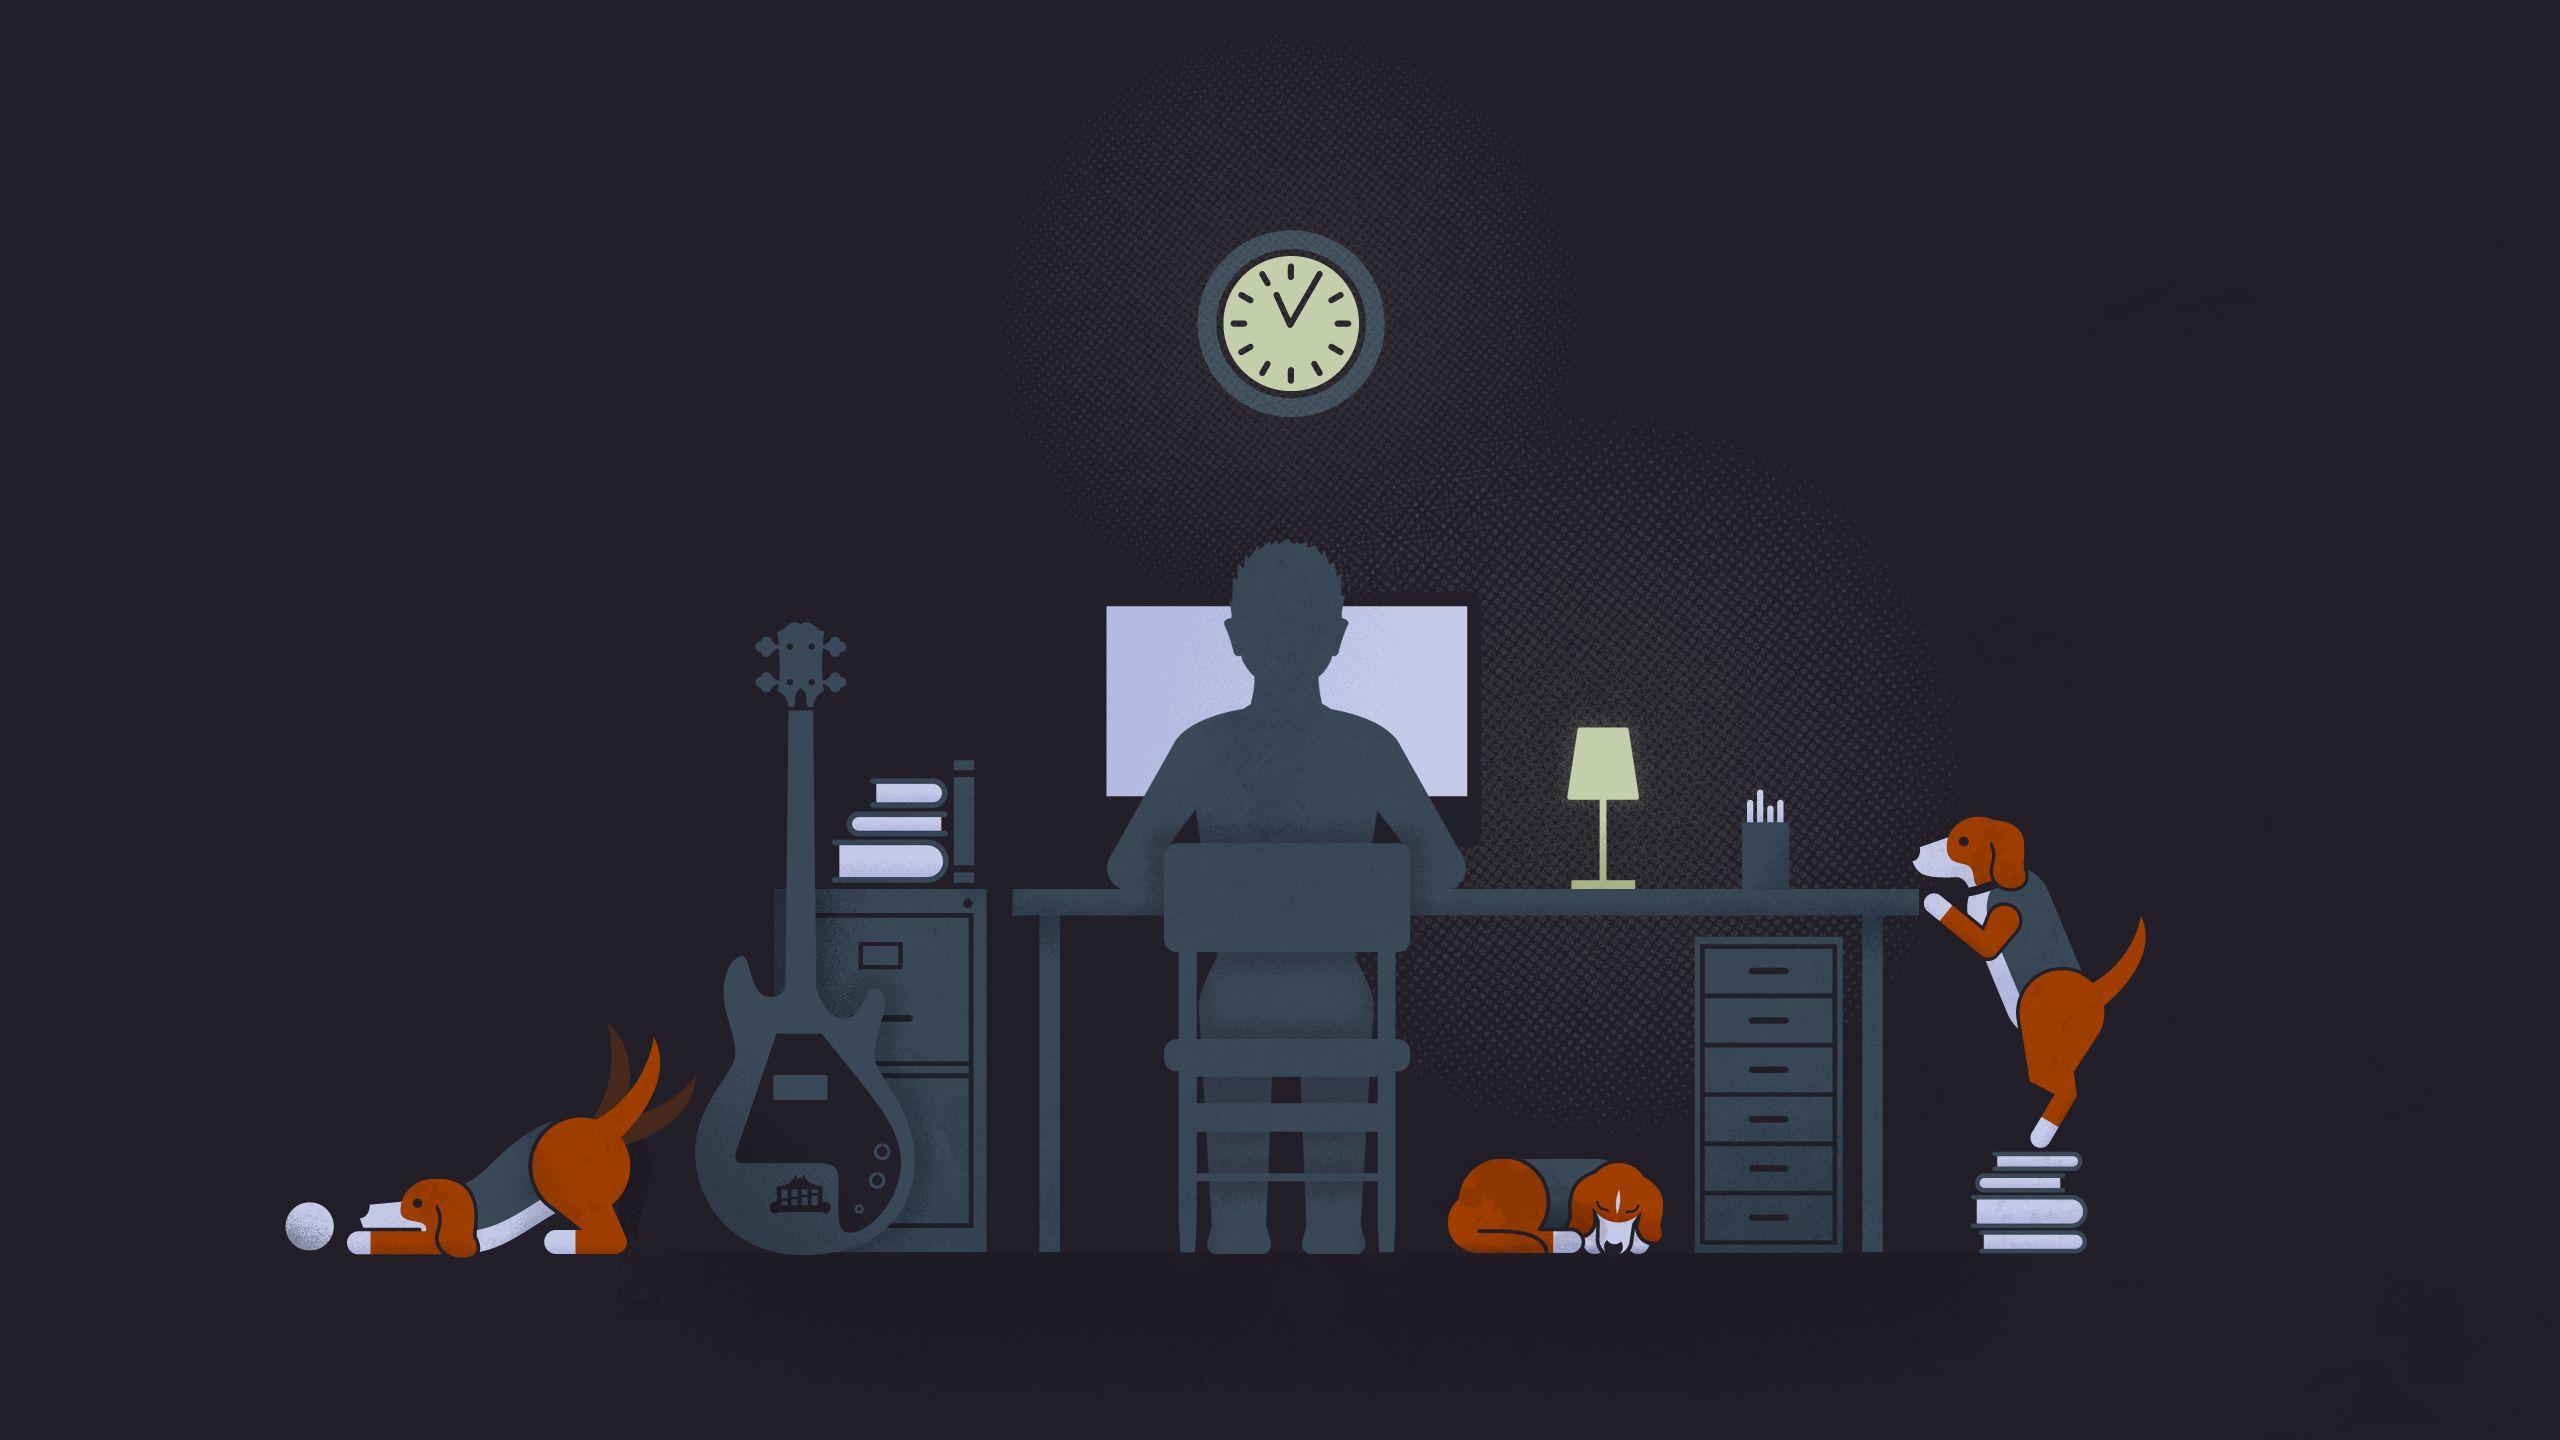 Work Desktop Picture Desktop Wallpaper Design Minimalist Desktop Wallpaper Minimalist Wallpaper